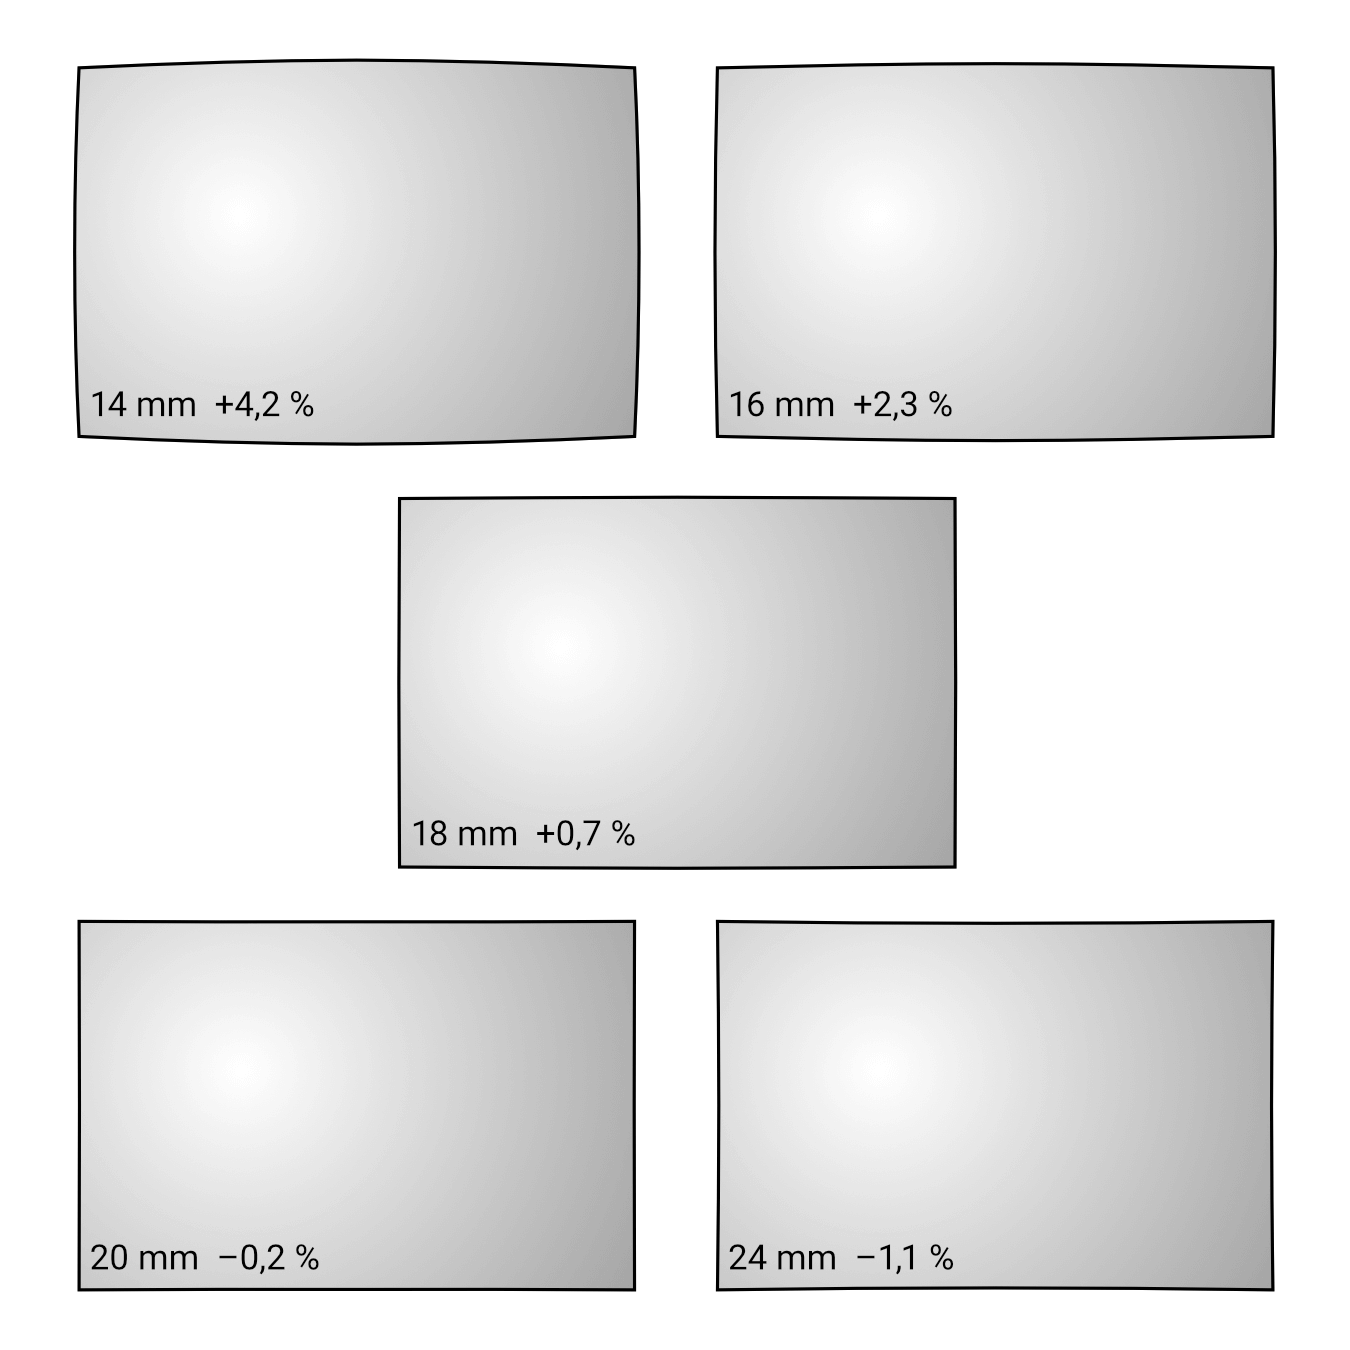 Geometrické zkreslení objektivu Nikkor Z 14–24 mm f/2,8 S